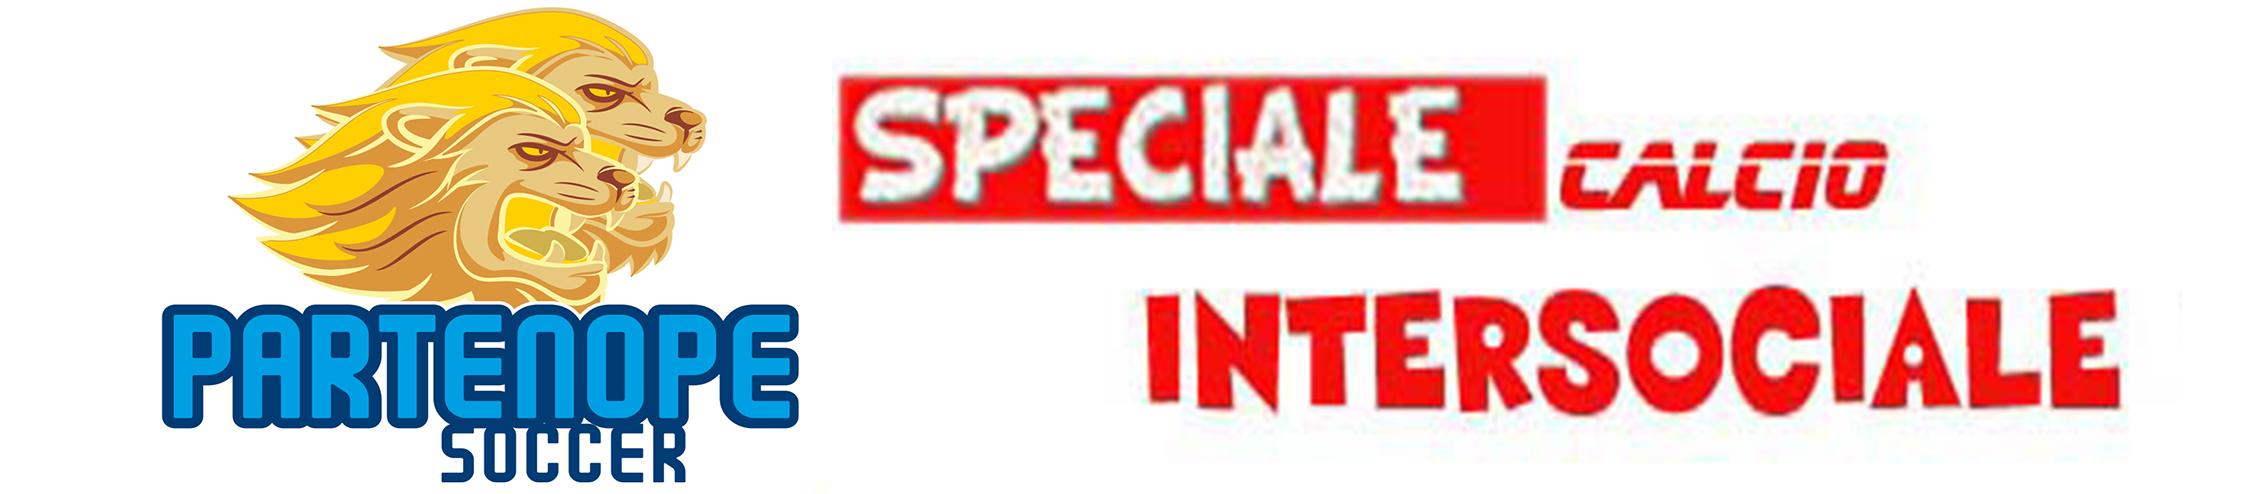 SPECIALE CALCIO INTERSOCIALE